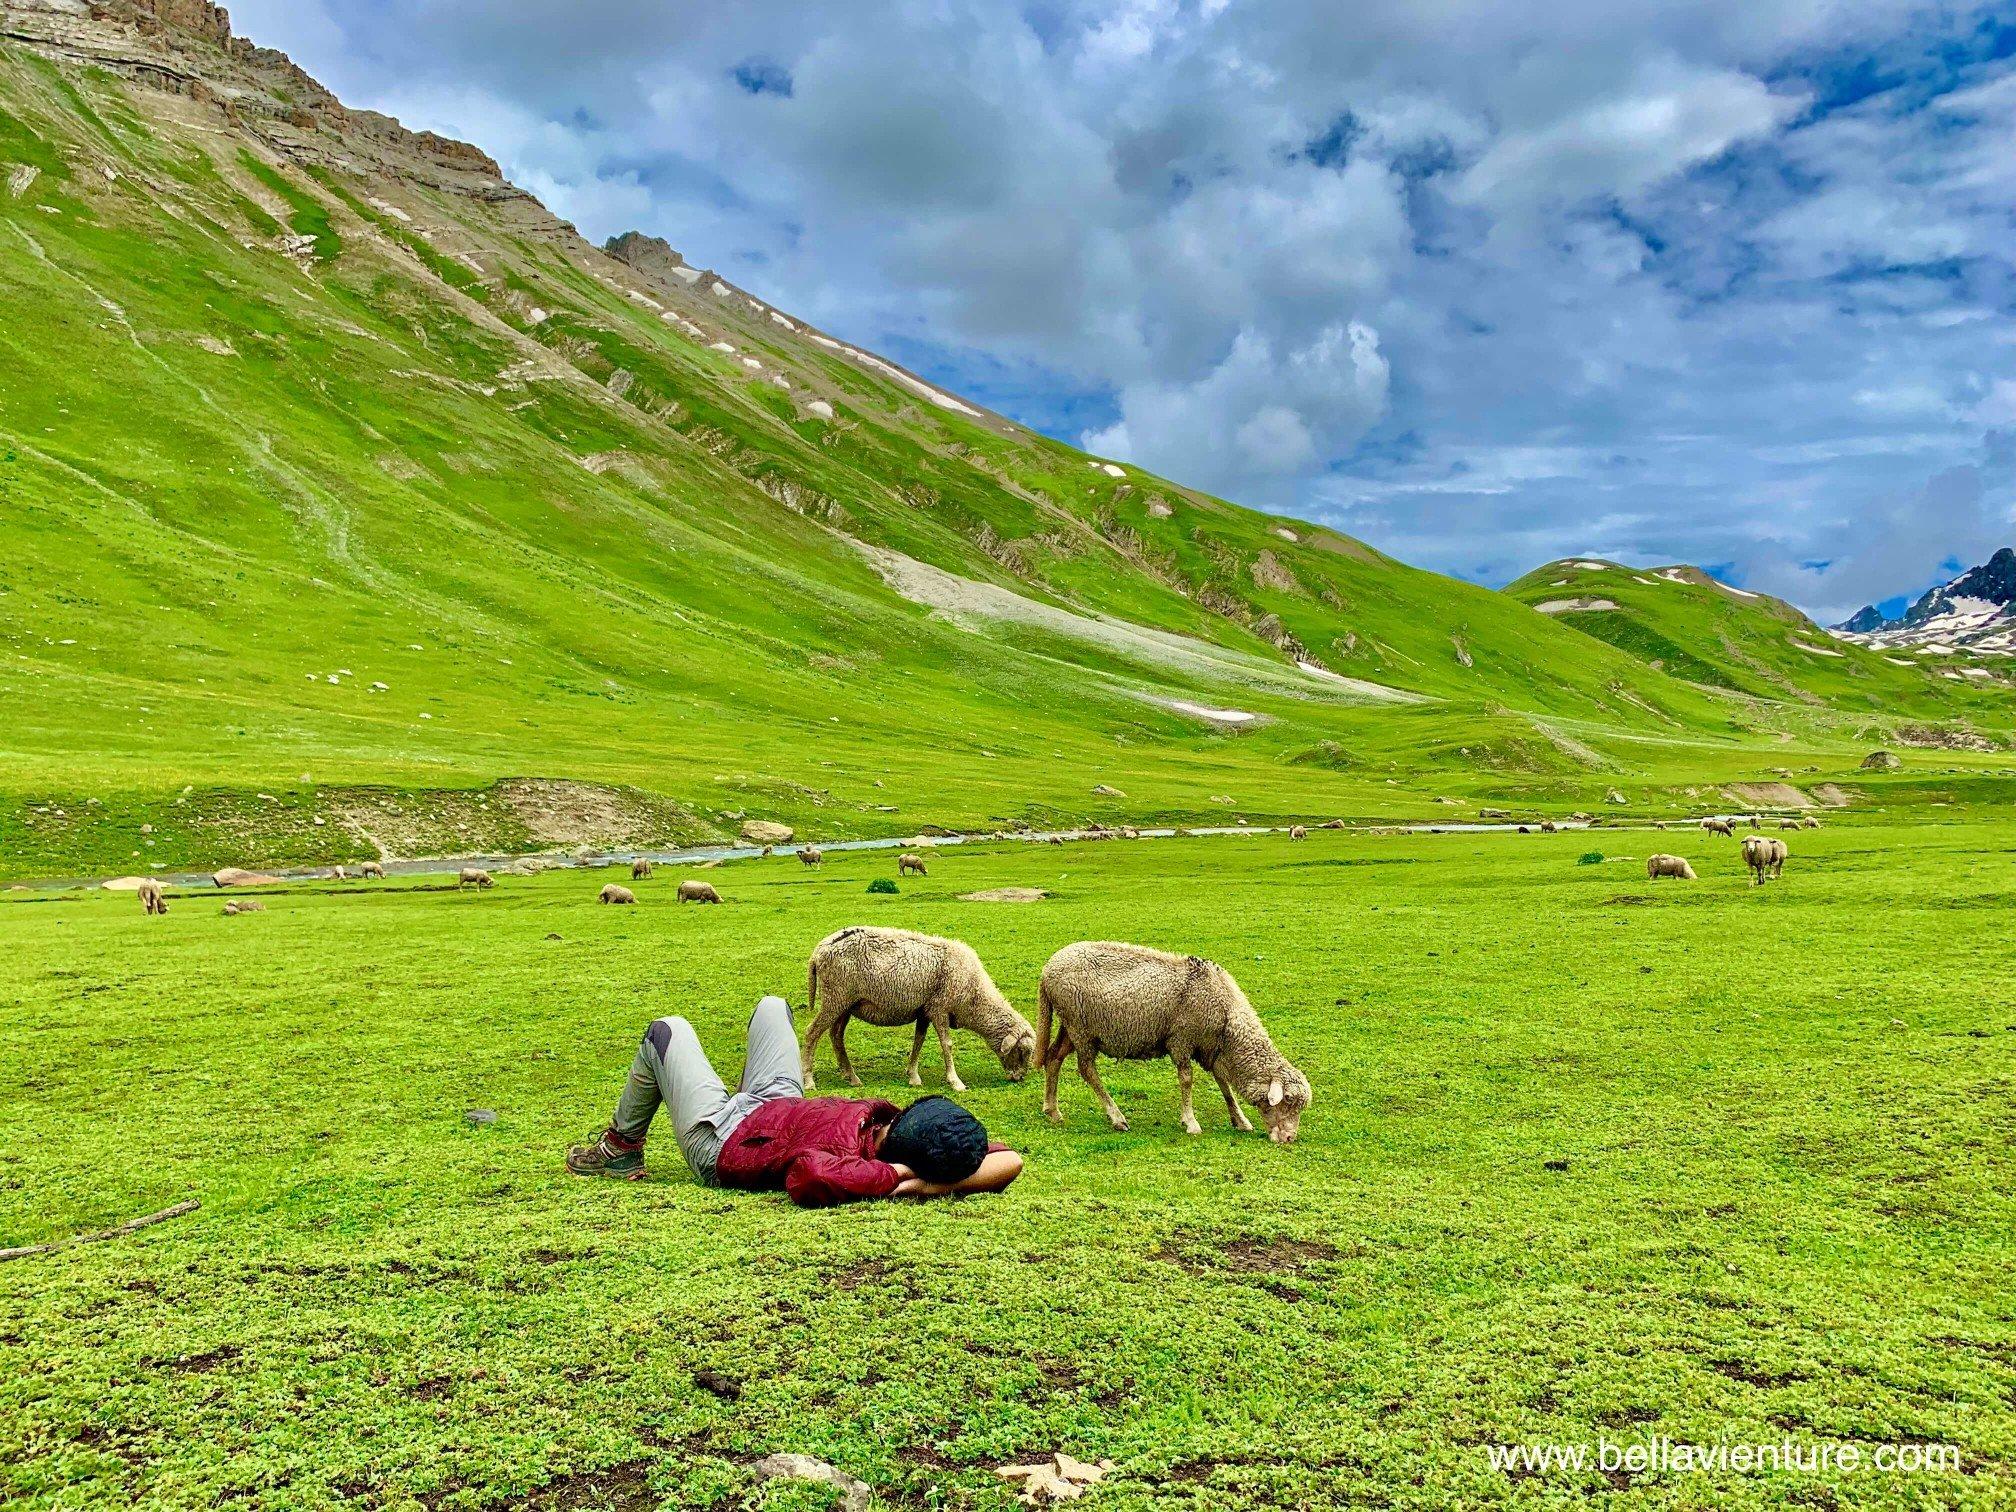 印度 India 北北印 North India 喀什米爾  Kashmir 八天七夜 羊群與午睡的印度團員